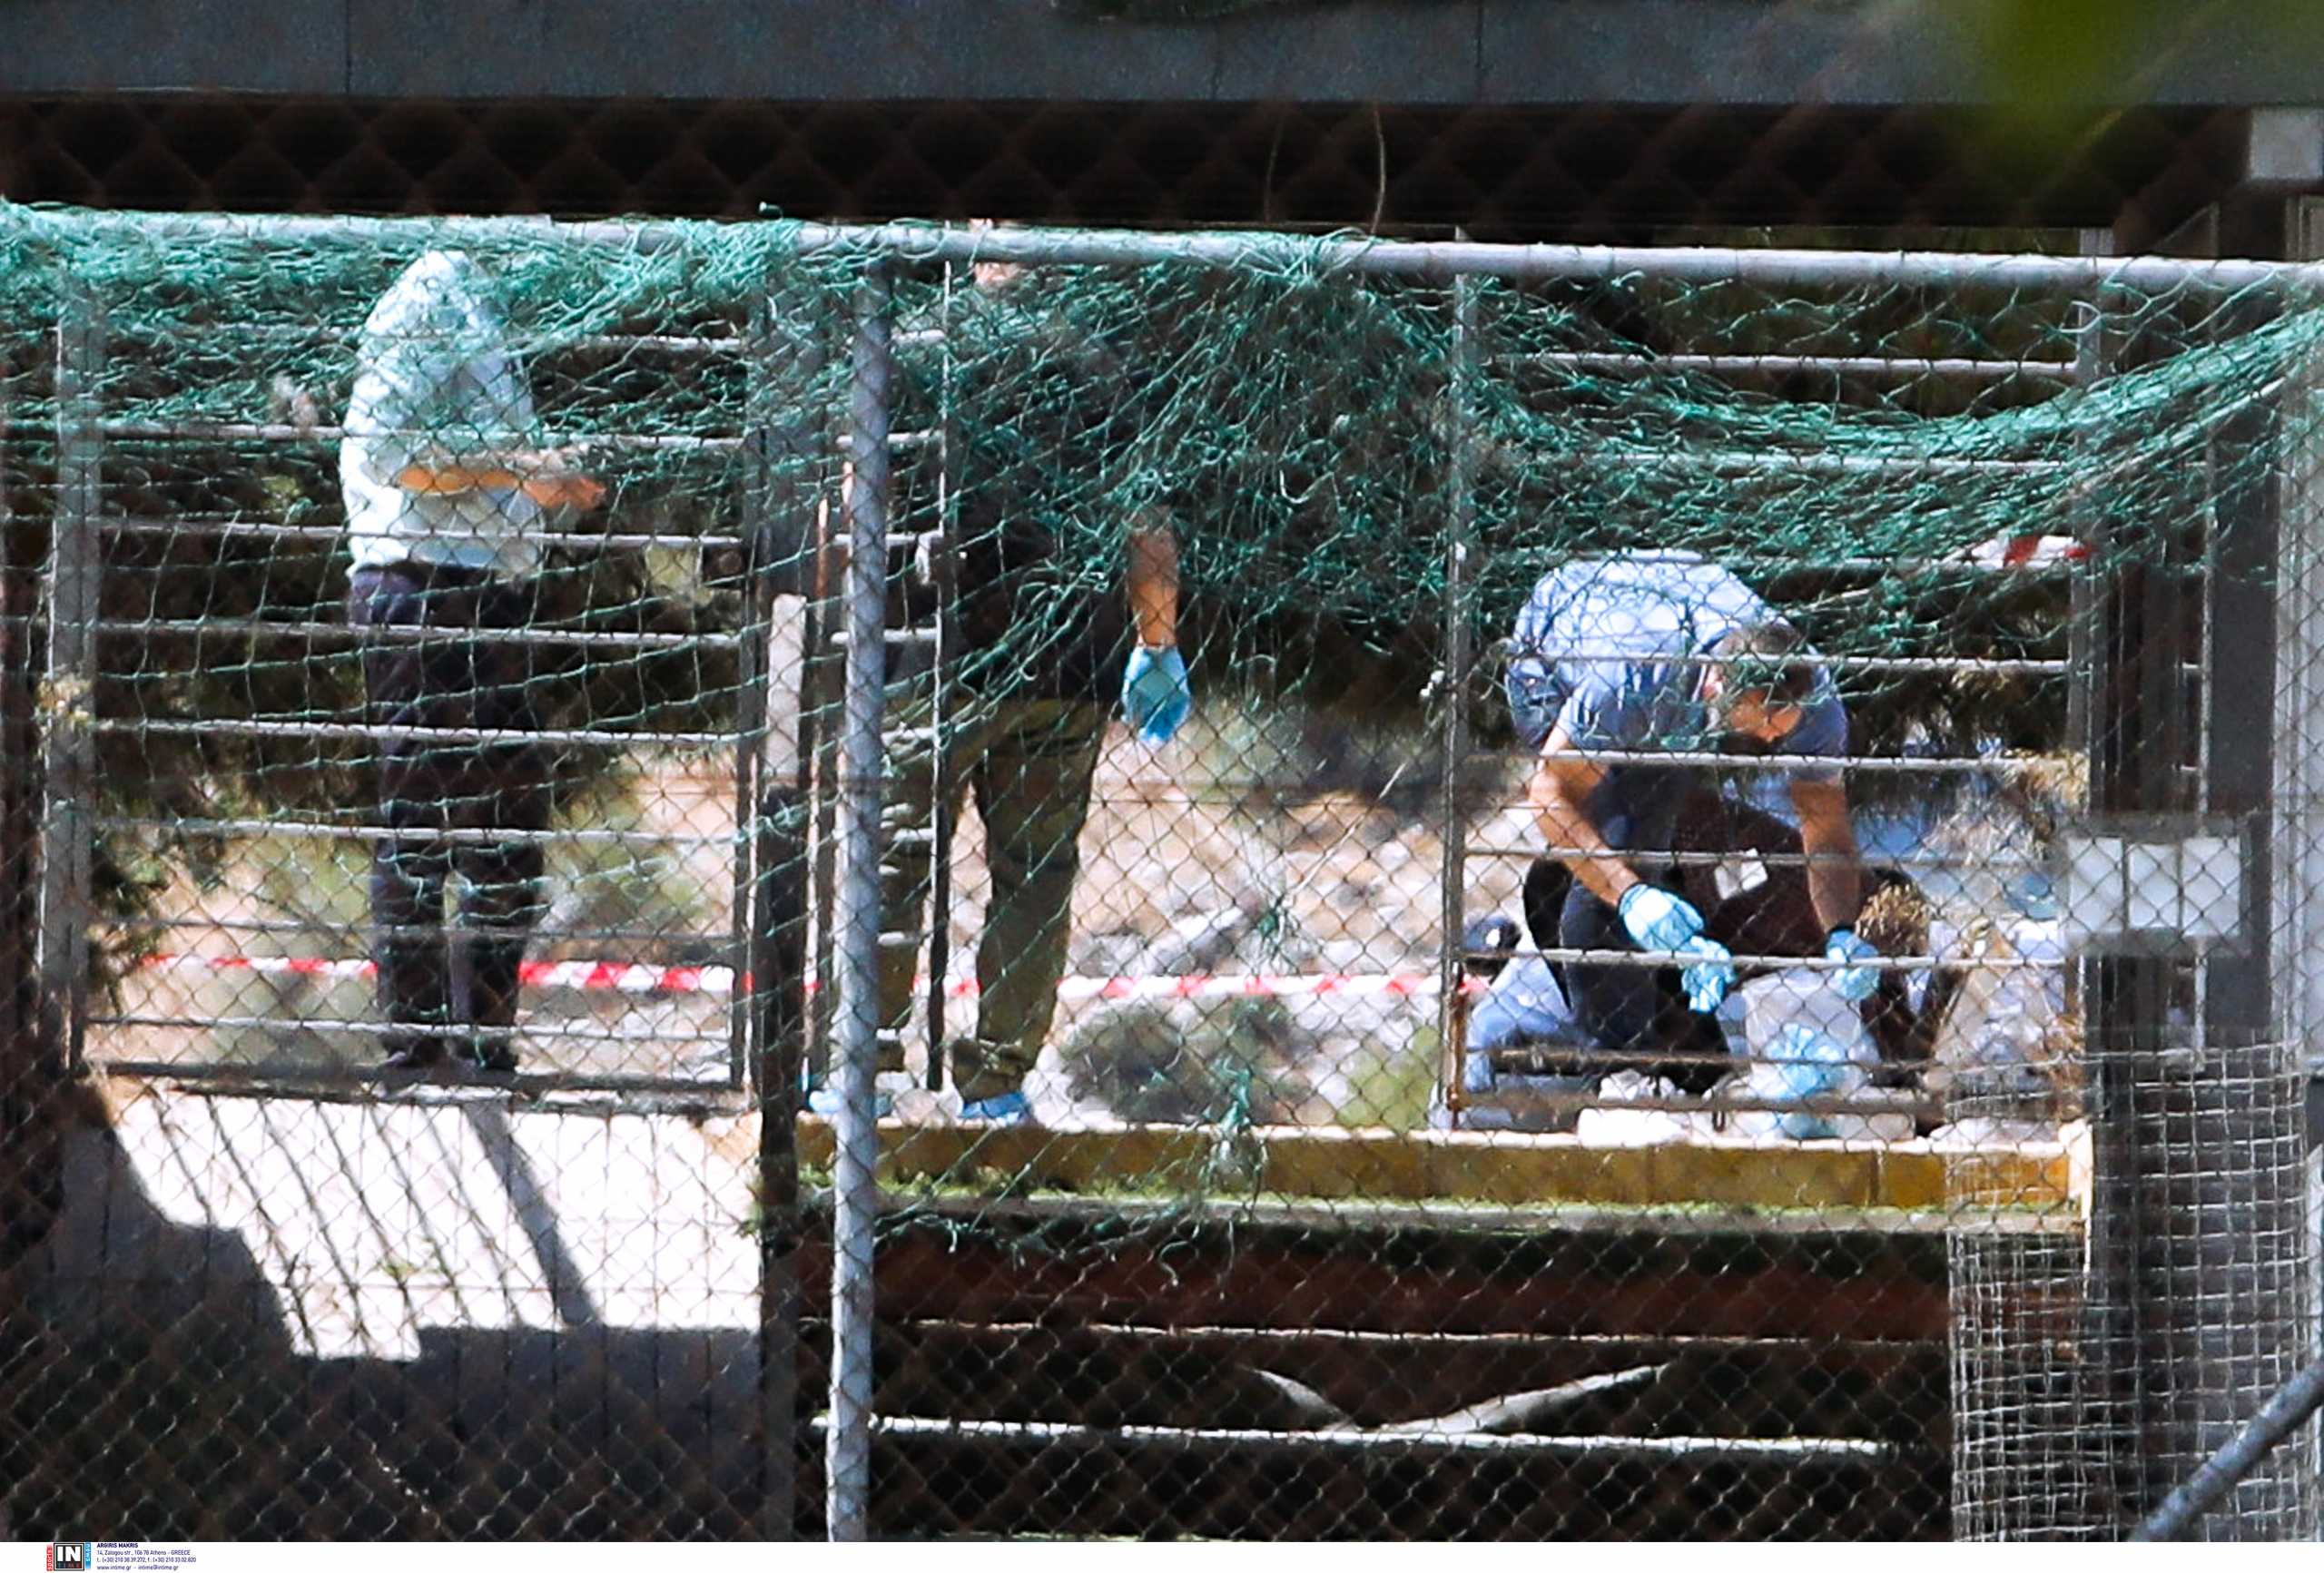 Συναγερμός στην ΕΛ.ΑΣ: Τέσσερις μαφιόζικες εκτελέσεις σε ένα μήνα